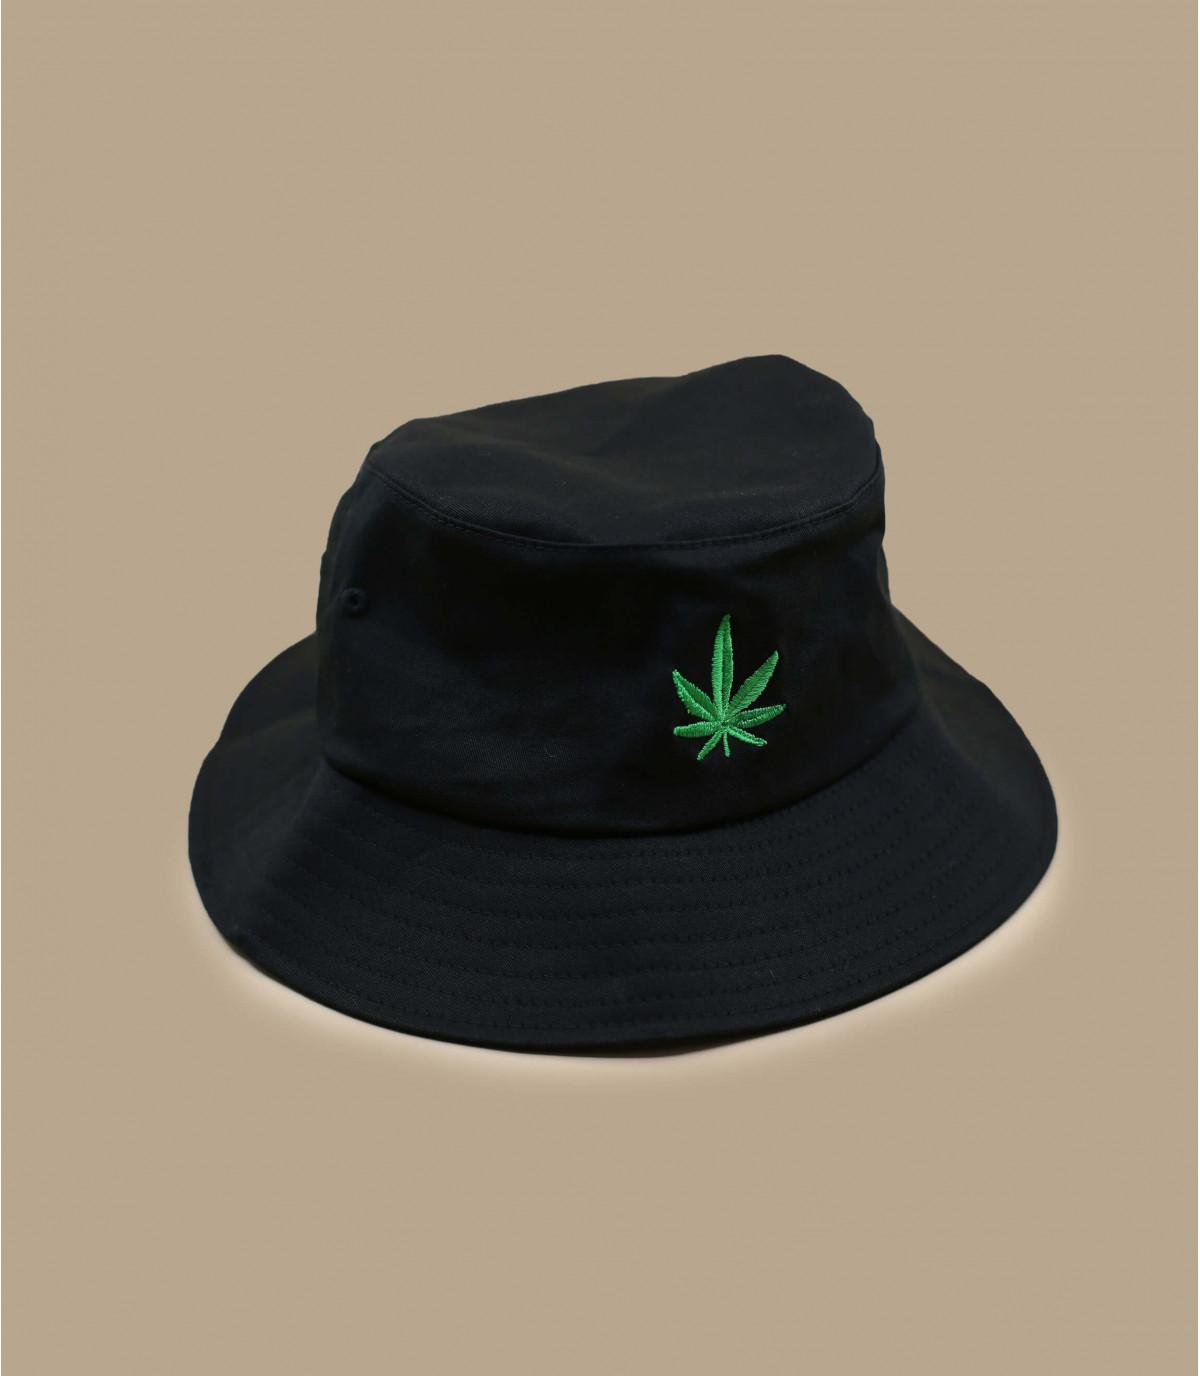 Fischerhut Cannabis